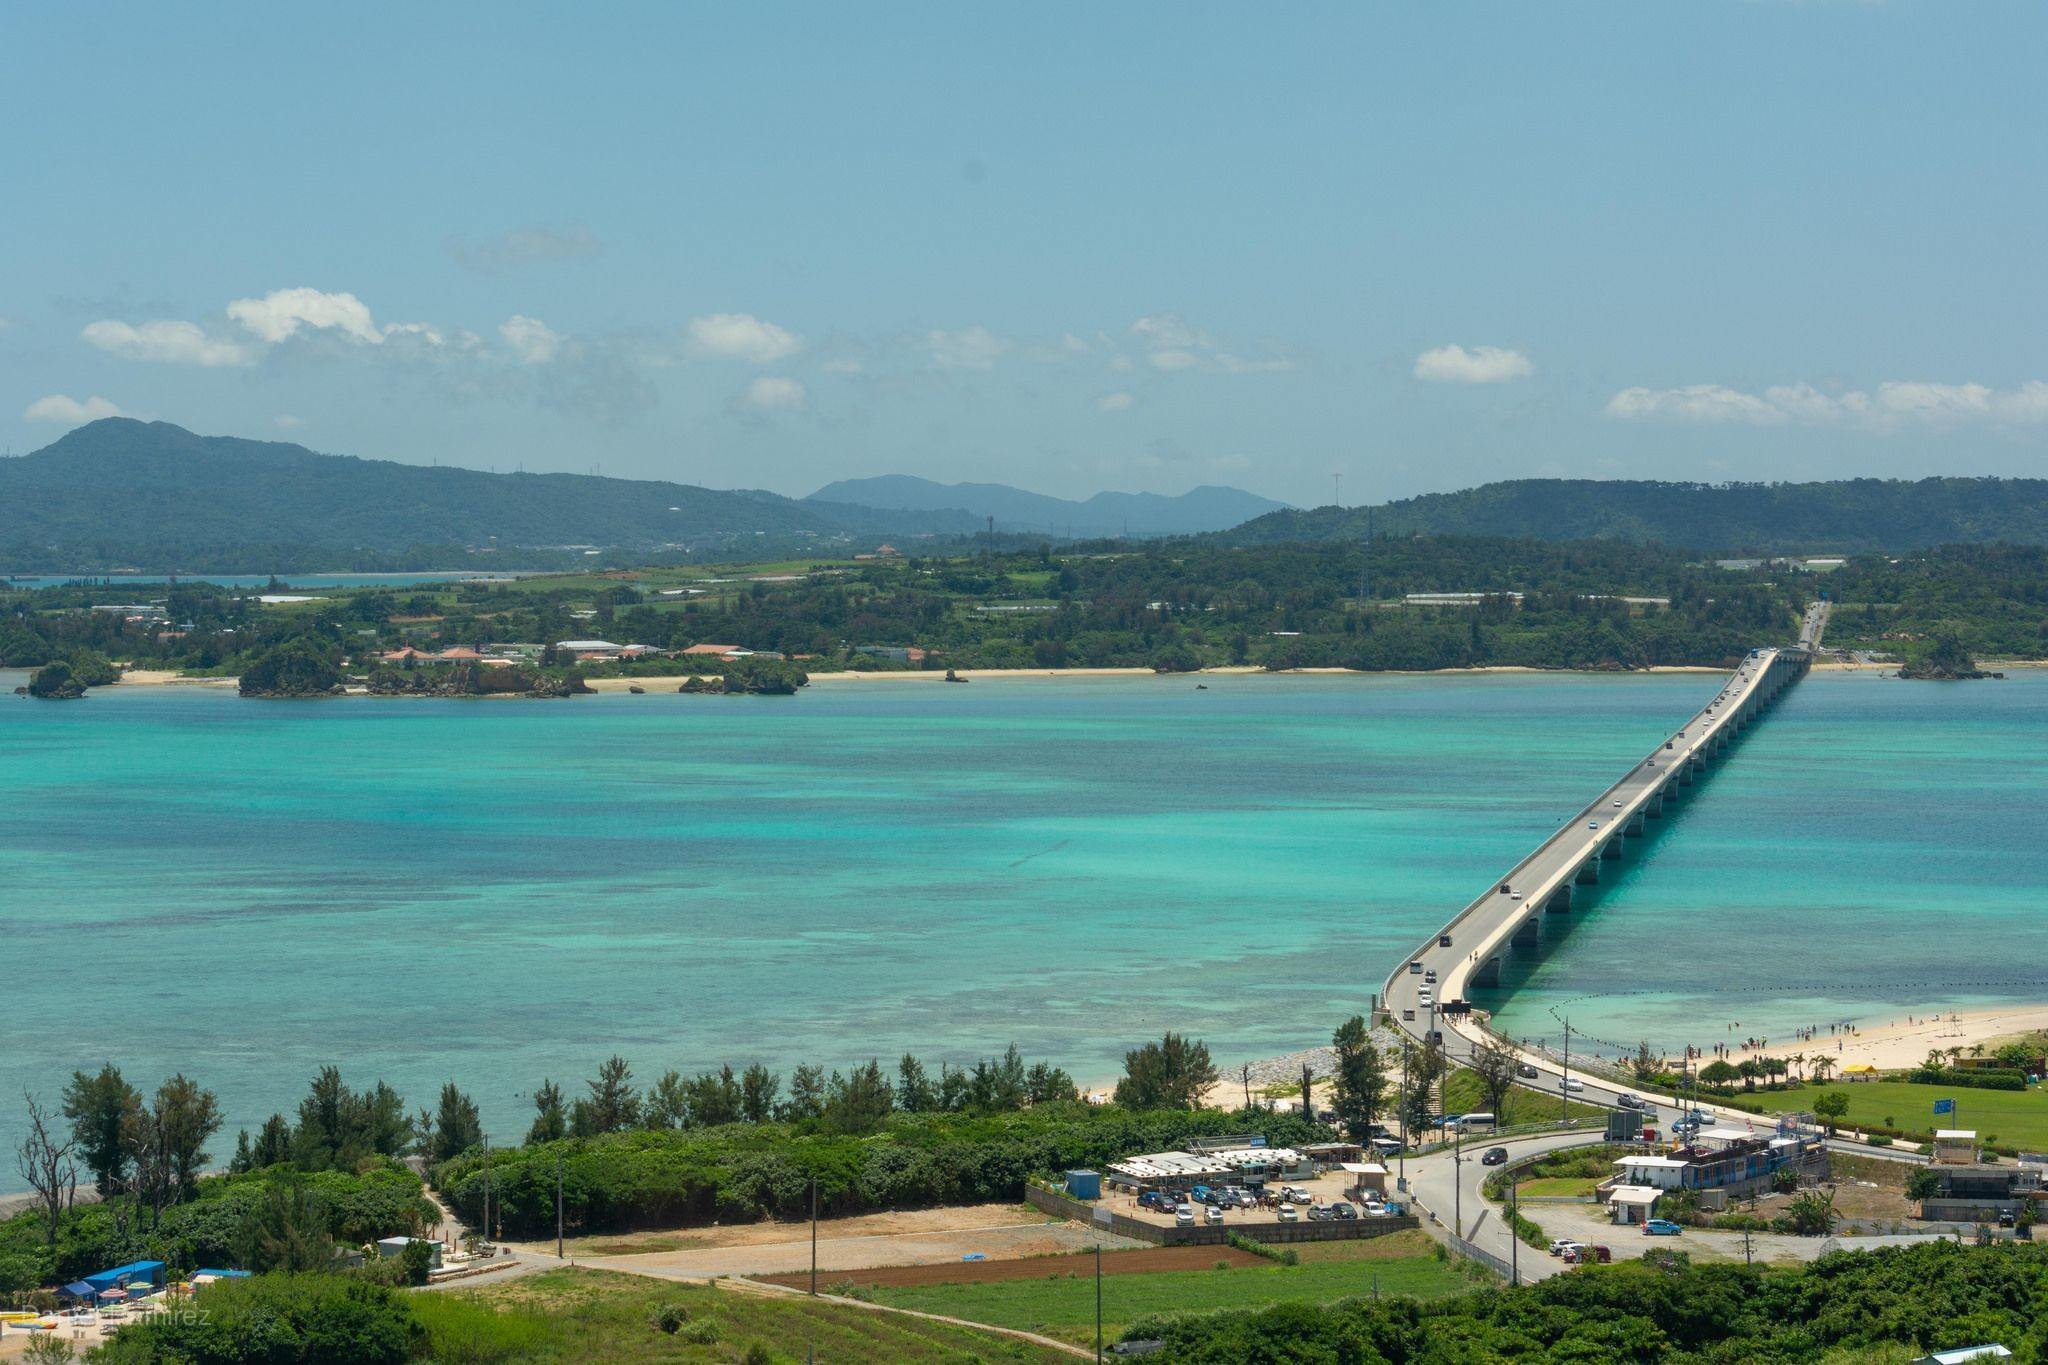 【琉球奇遇侏儸紀】恐龍森林樂園、海博館、古宇利、瀨長島、探險半潛艇五日